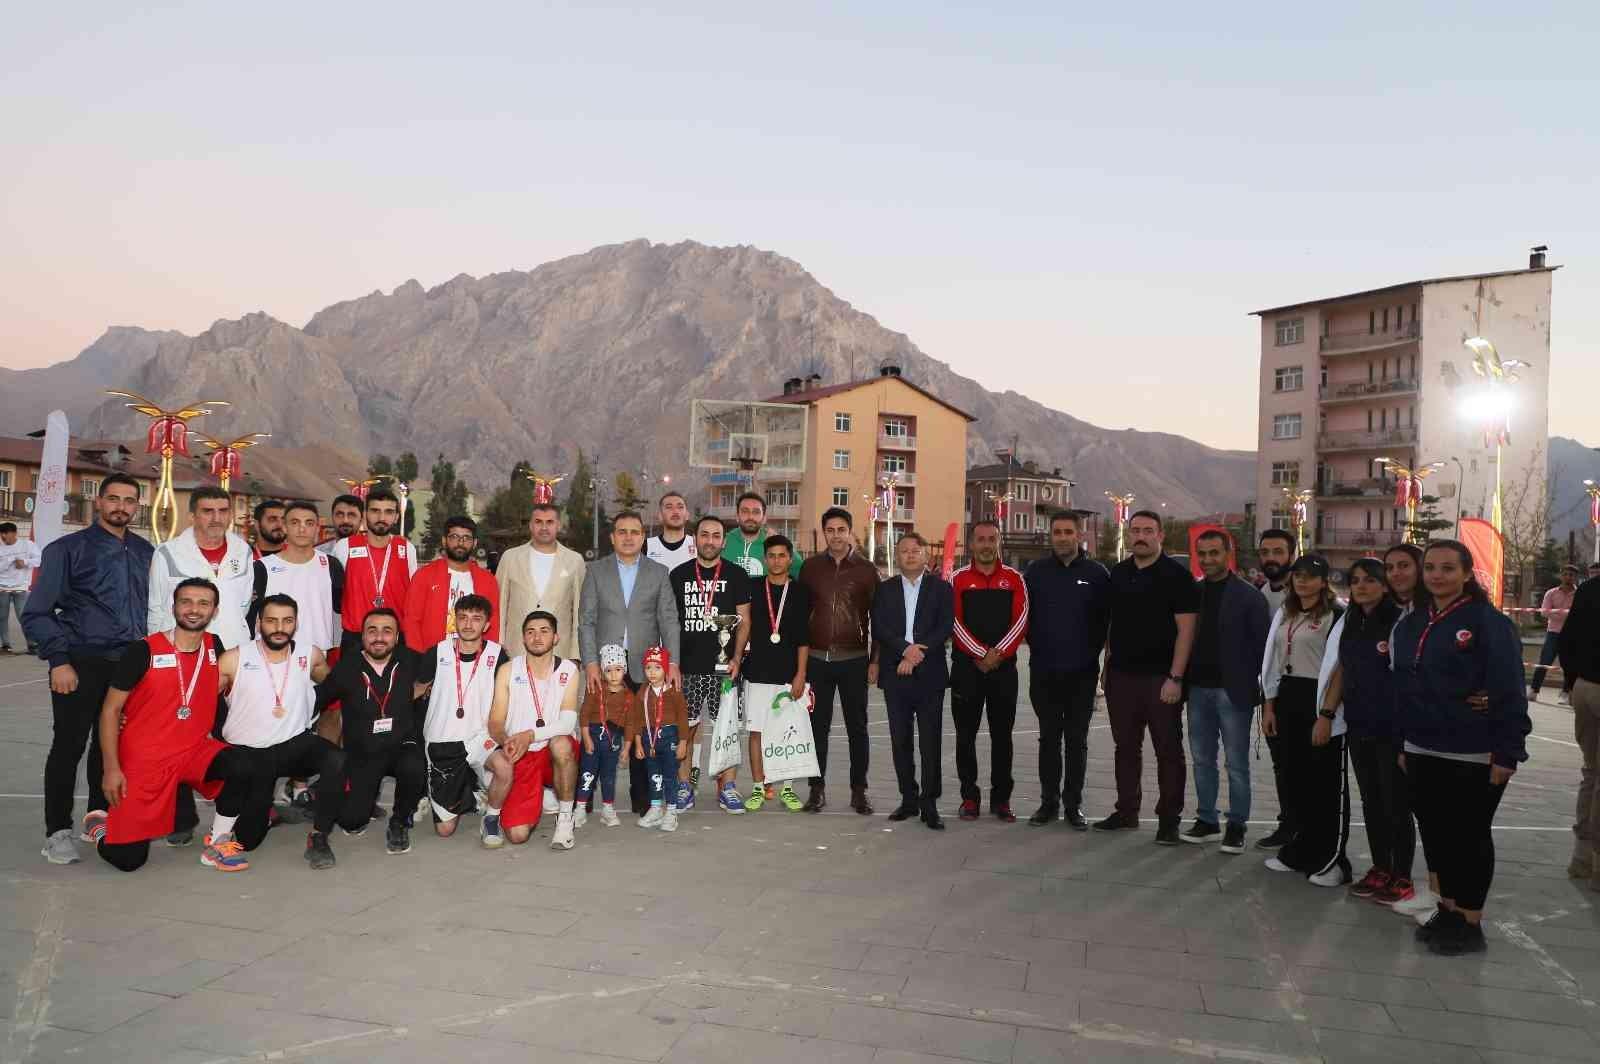 Hakkari'de ikinci spor şenlikleri sona erdi #hakkari